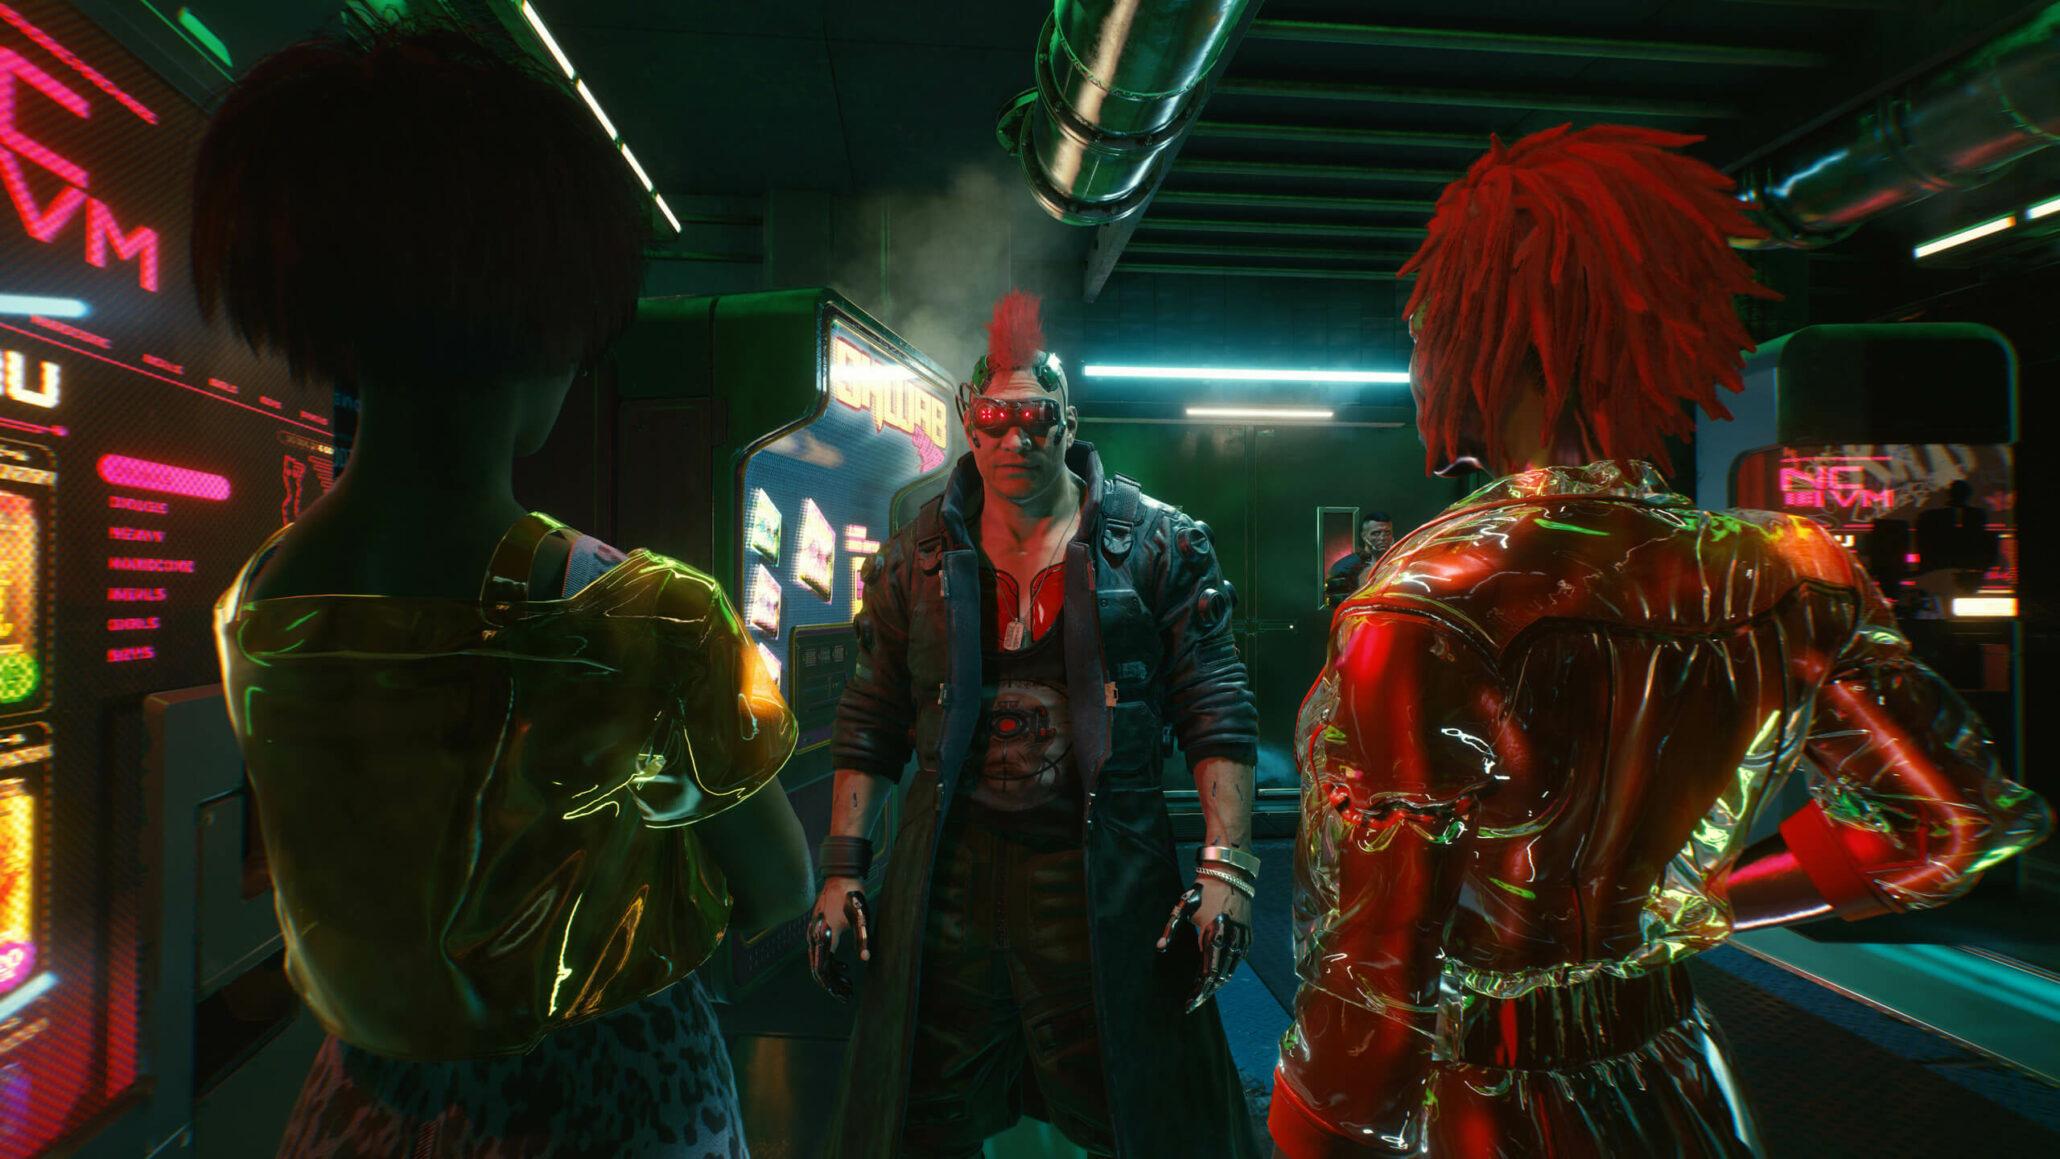 'Это очень большая конкуренция внутри нас самих с The Witcher 3' - разработчик Cyberpunk 2077